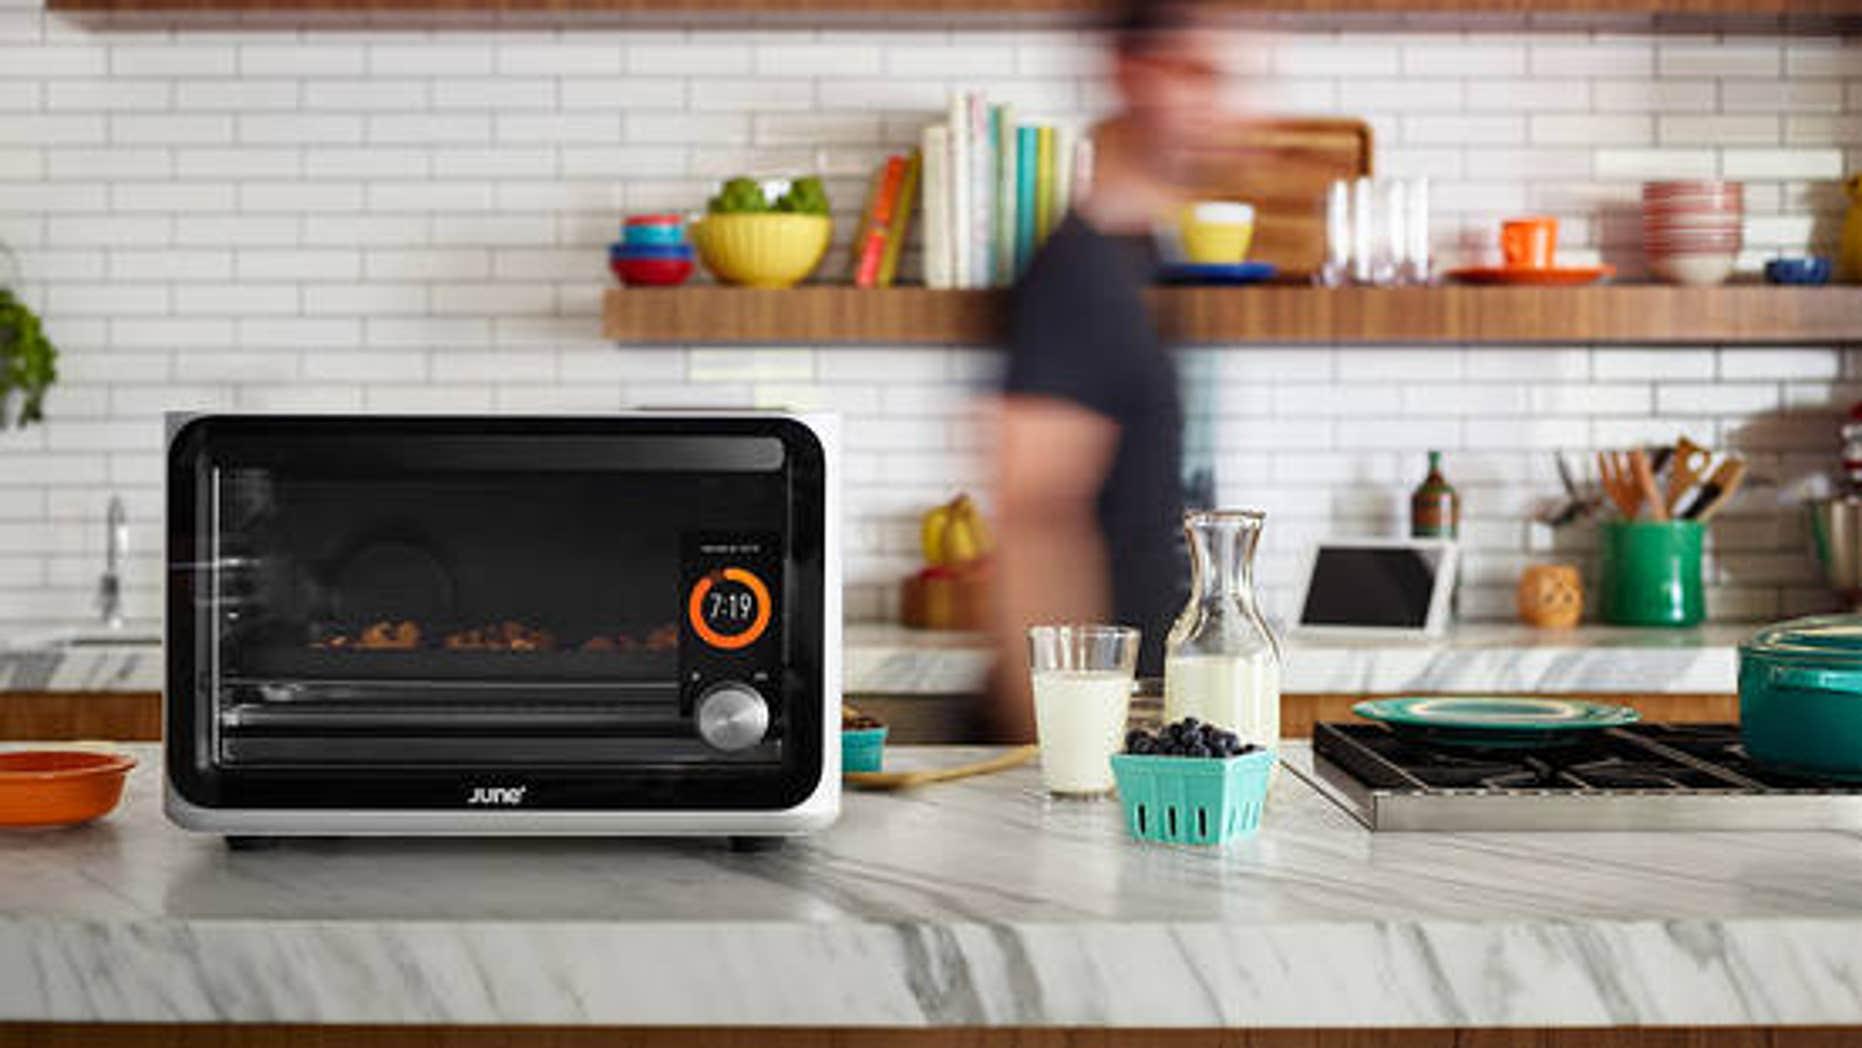 The revolutionary June smart oven.